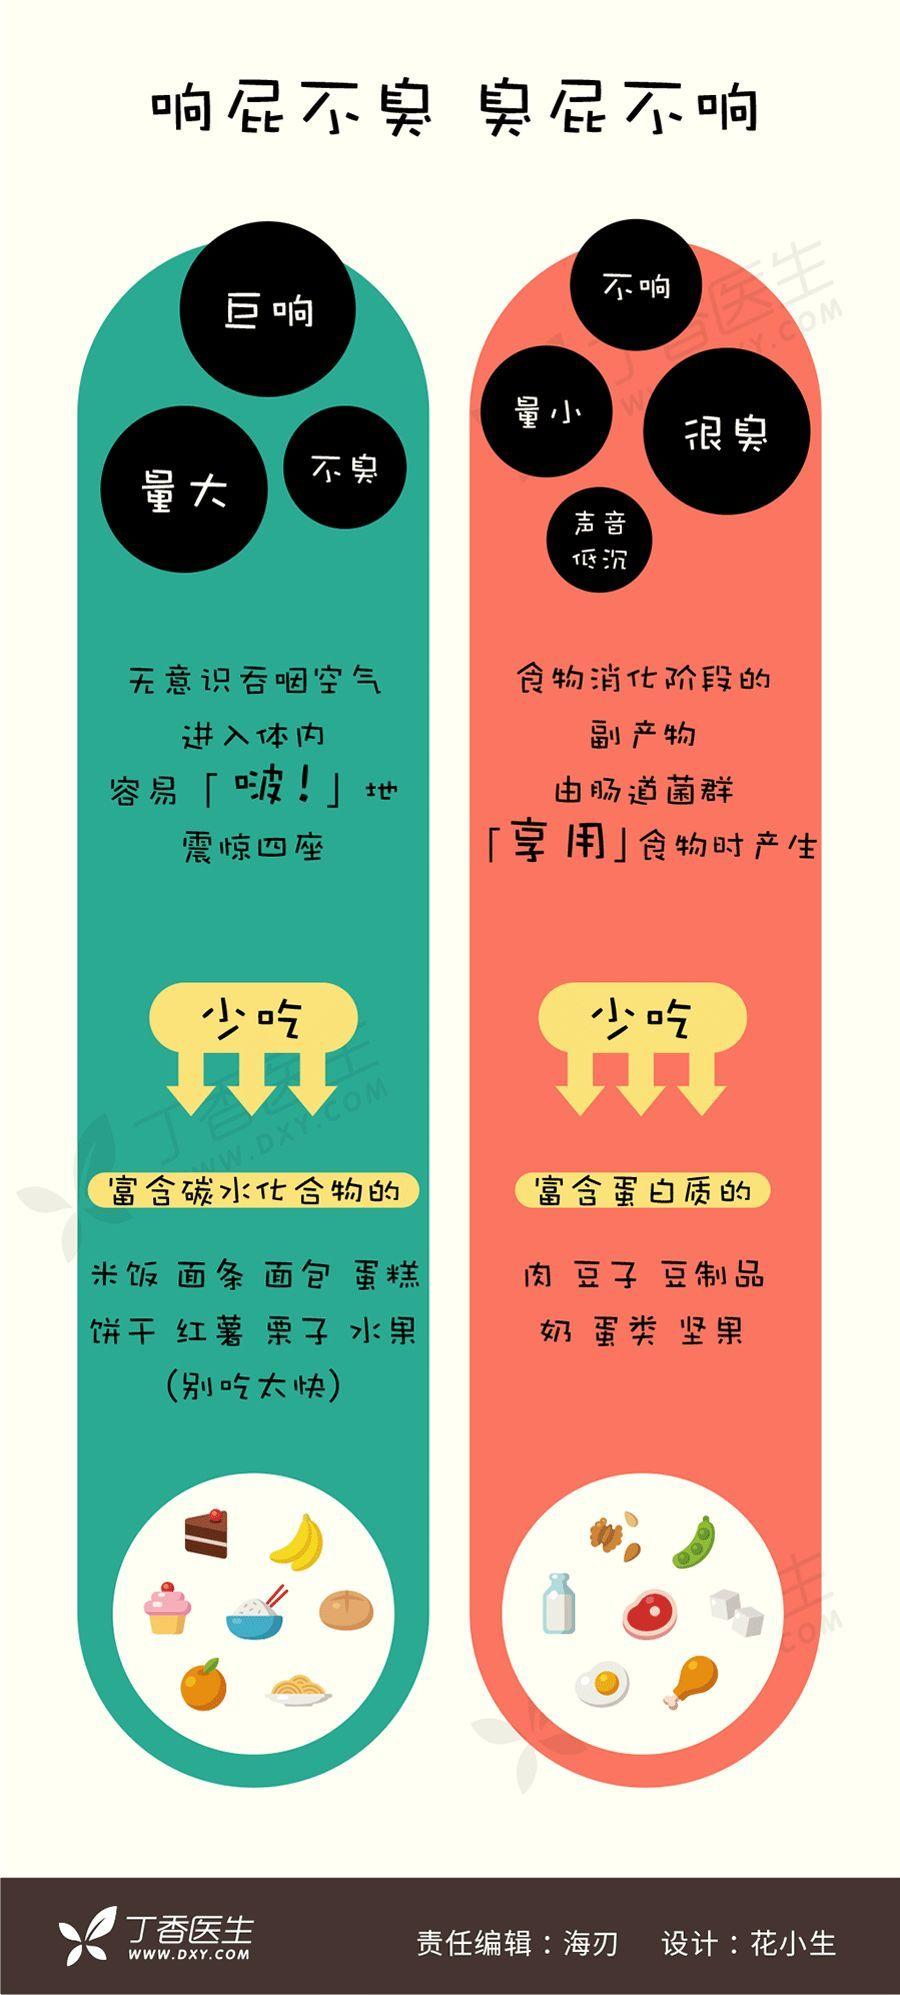 pt电子游艺 4